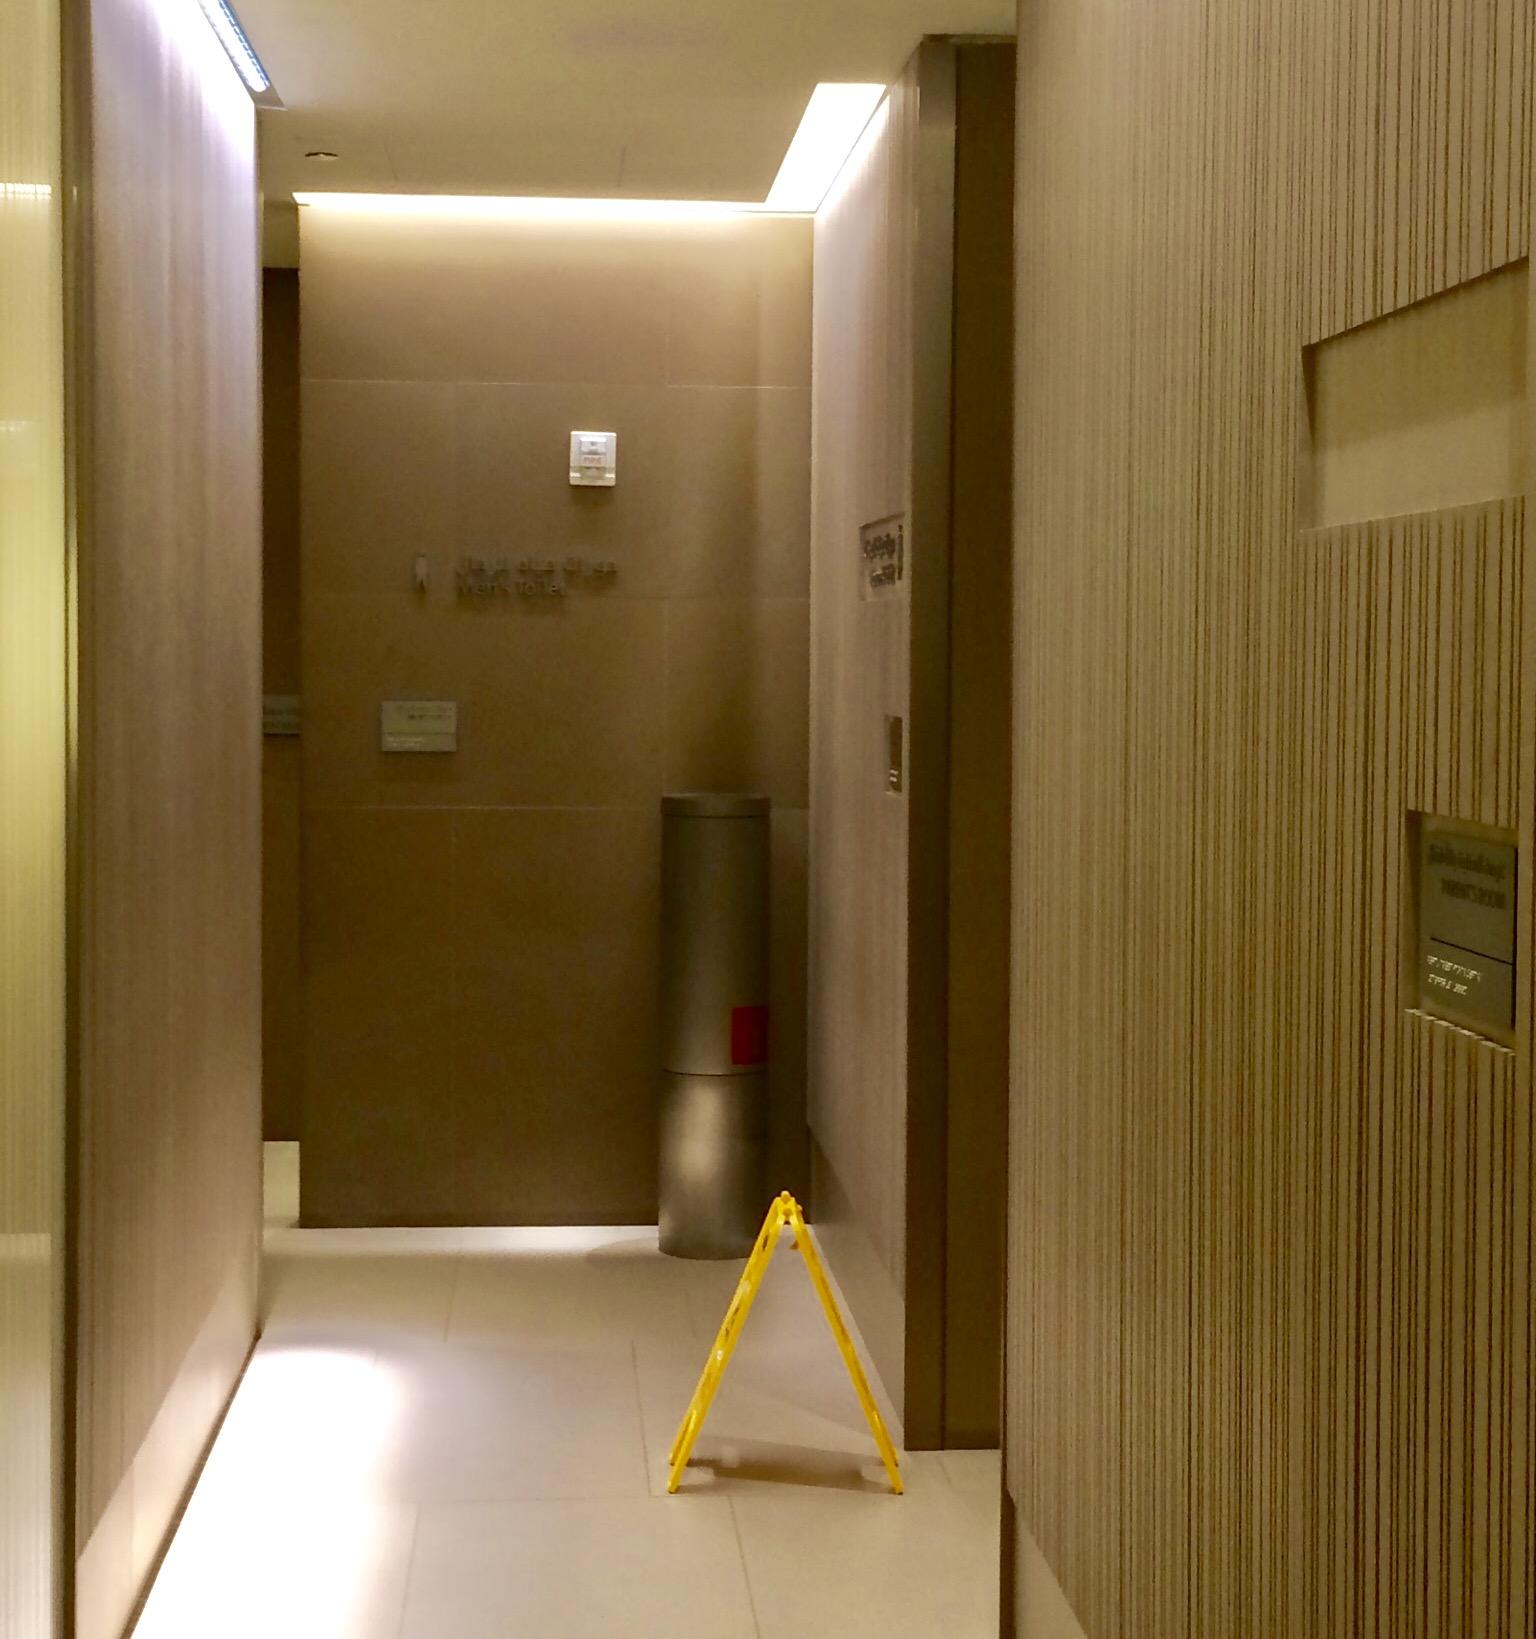 カタール-ドーハ空港のアルマハ・ラウンジ-プラオリティーパス-シャワー